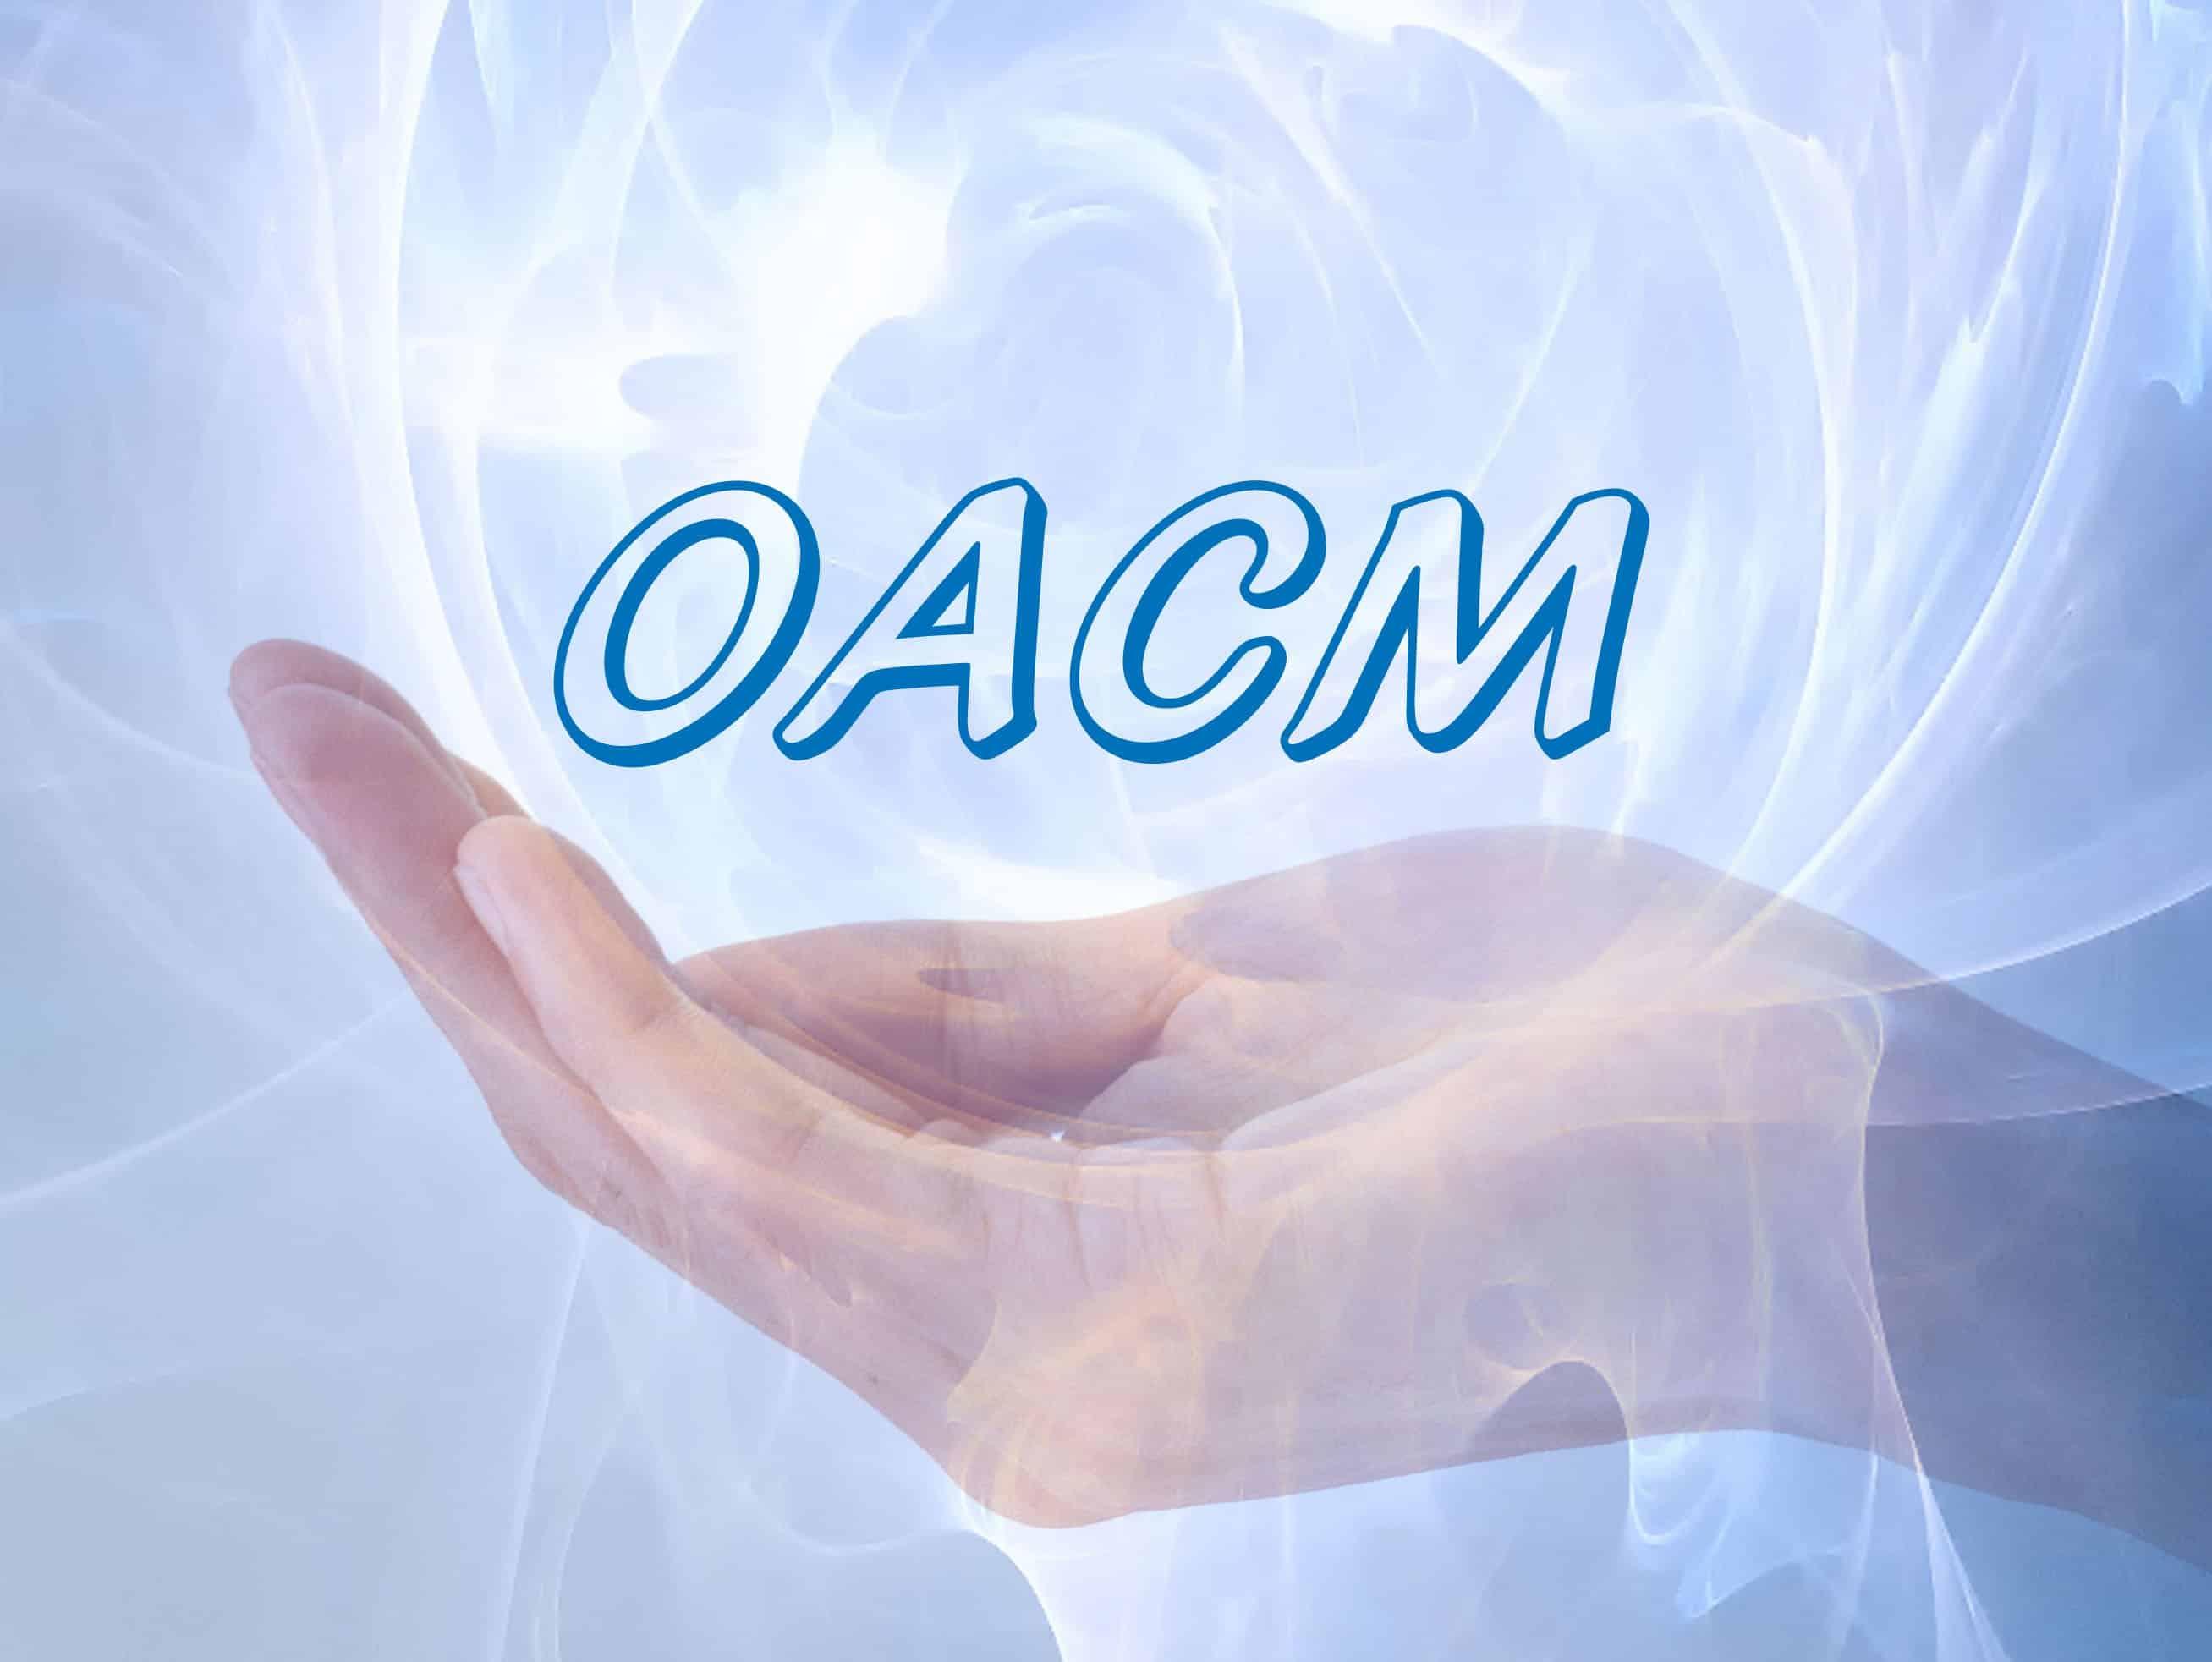 mano azul con energia oacm - azul